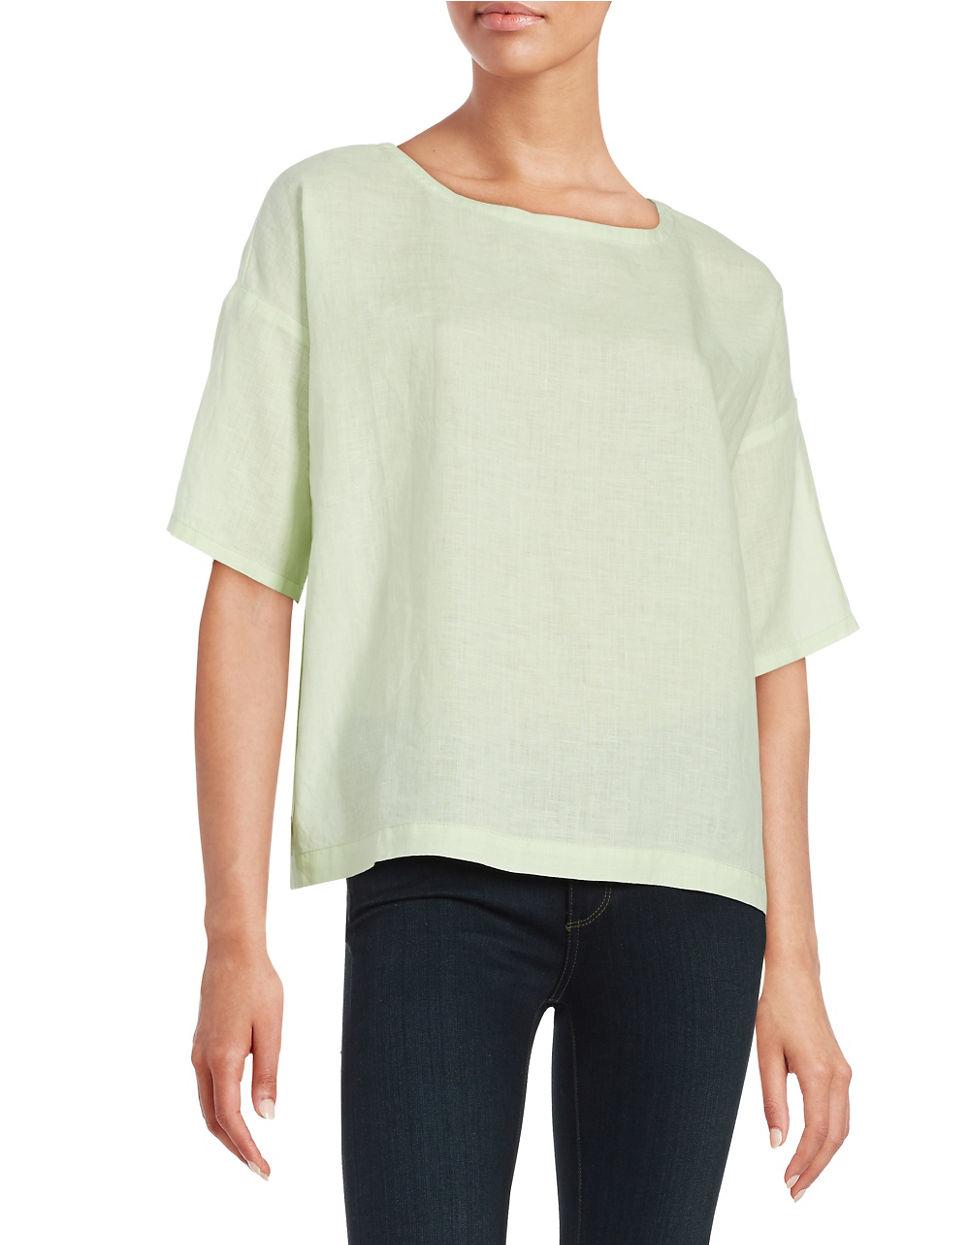 Eileen fisher petite organic cotton and hemp tee in green for Eileen fisher organic cotton t shirt